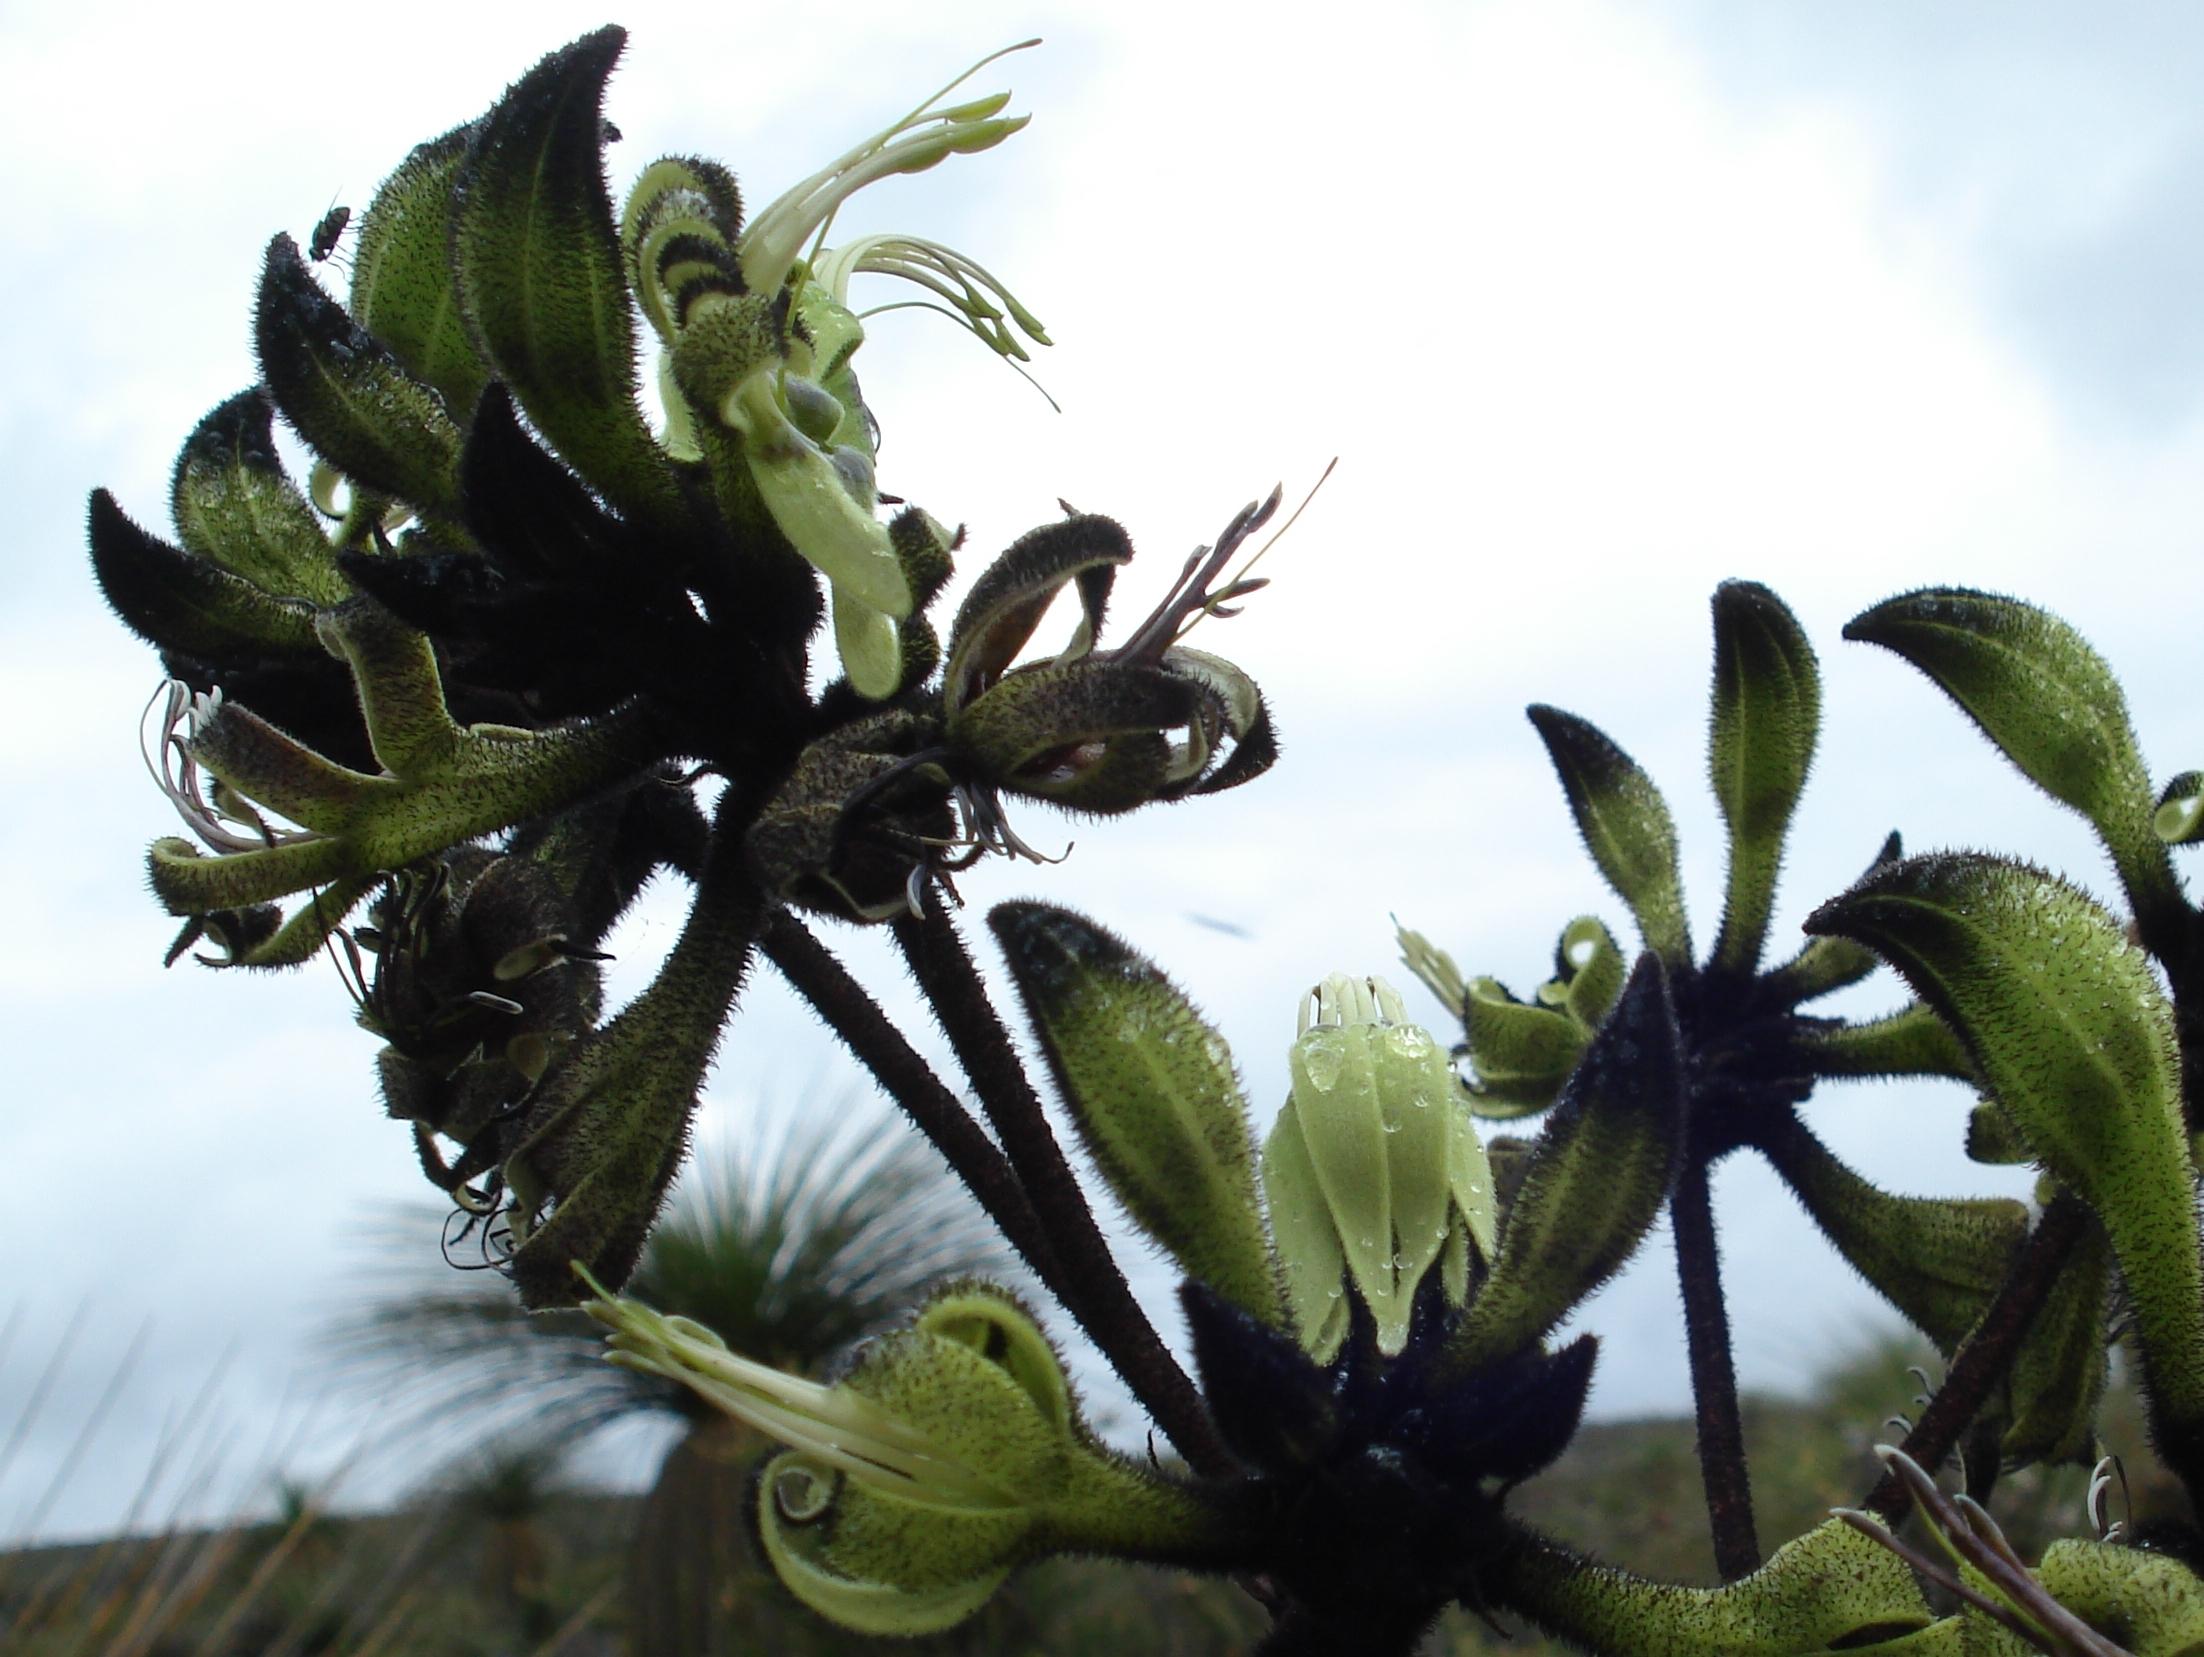 Image of Black Kangaroo Paw